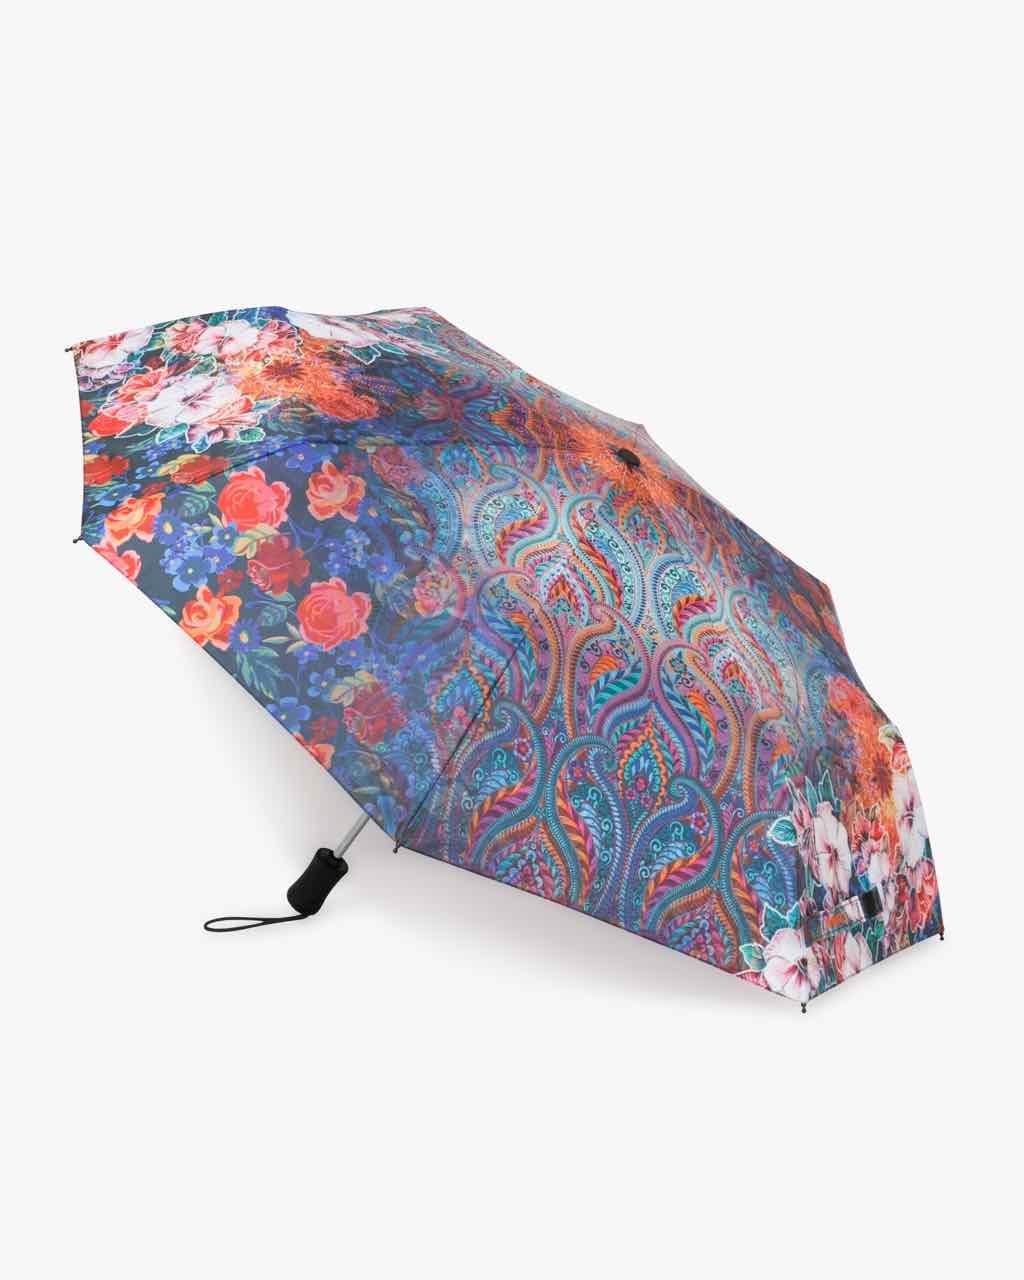 17WAOF56_3070 Desigual Umbrella Freya Canada